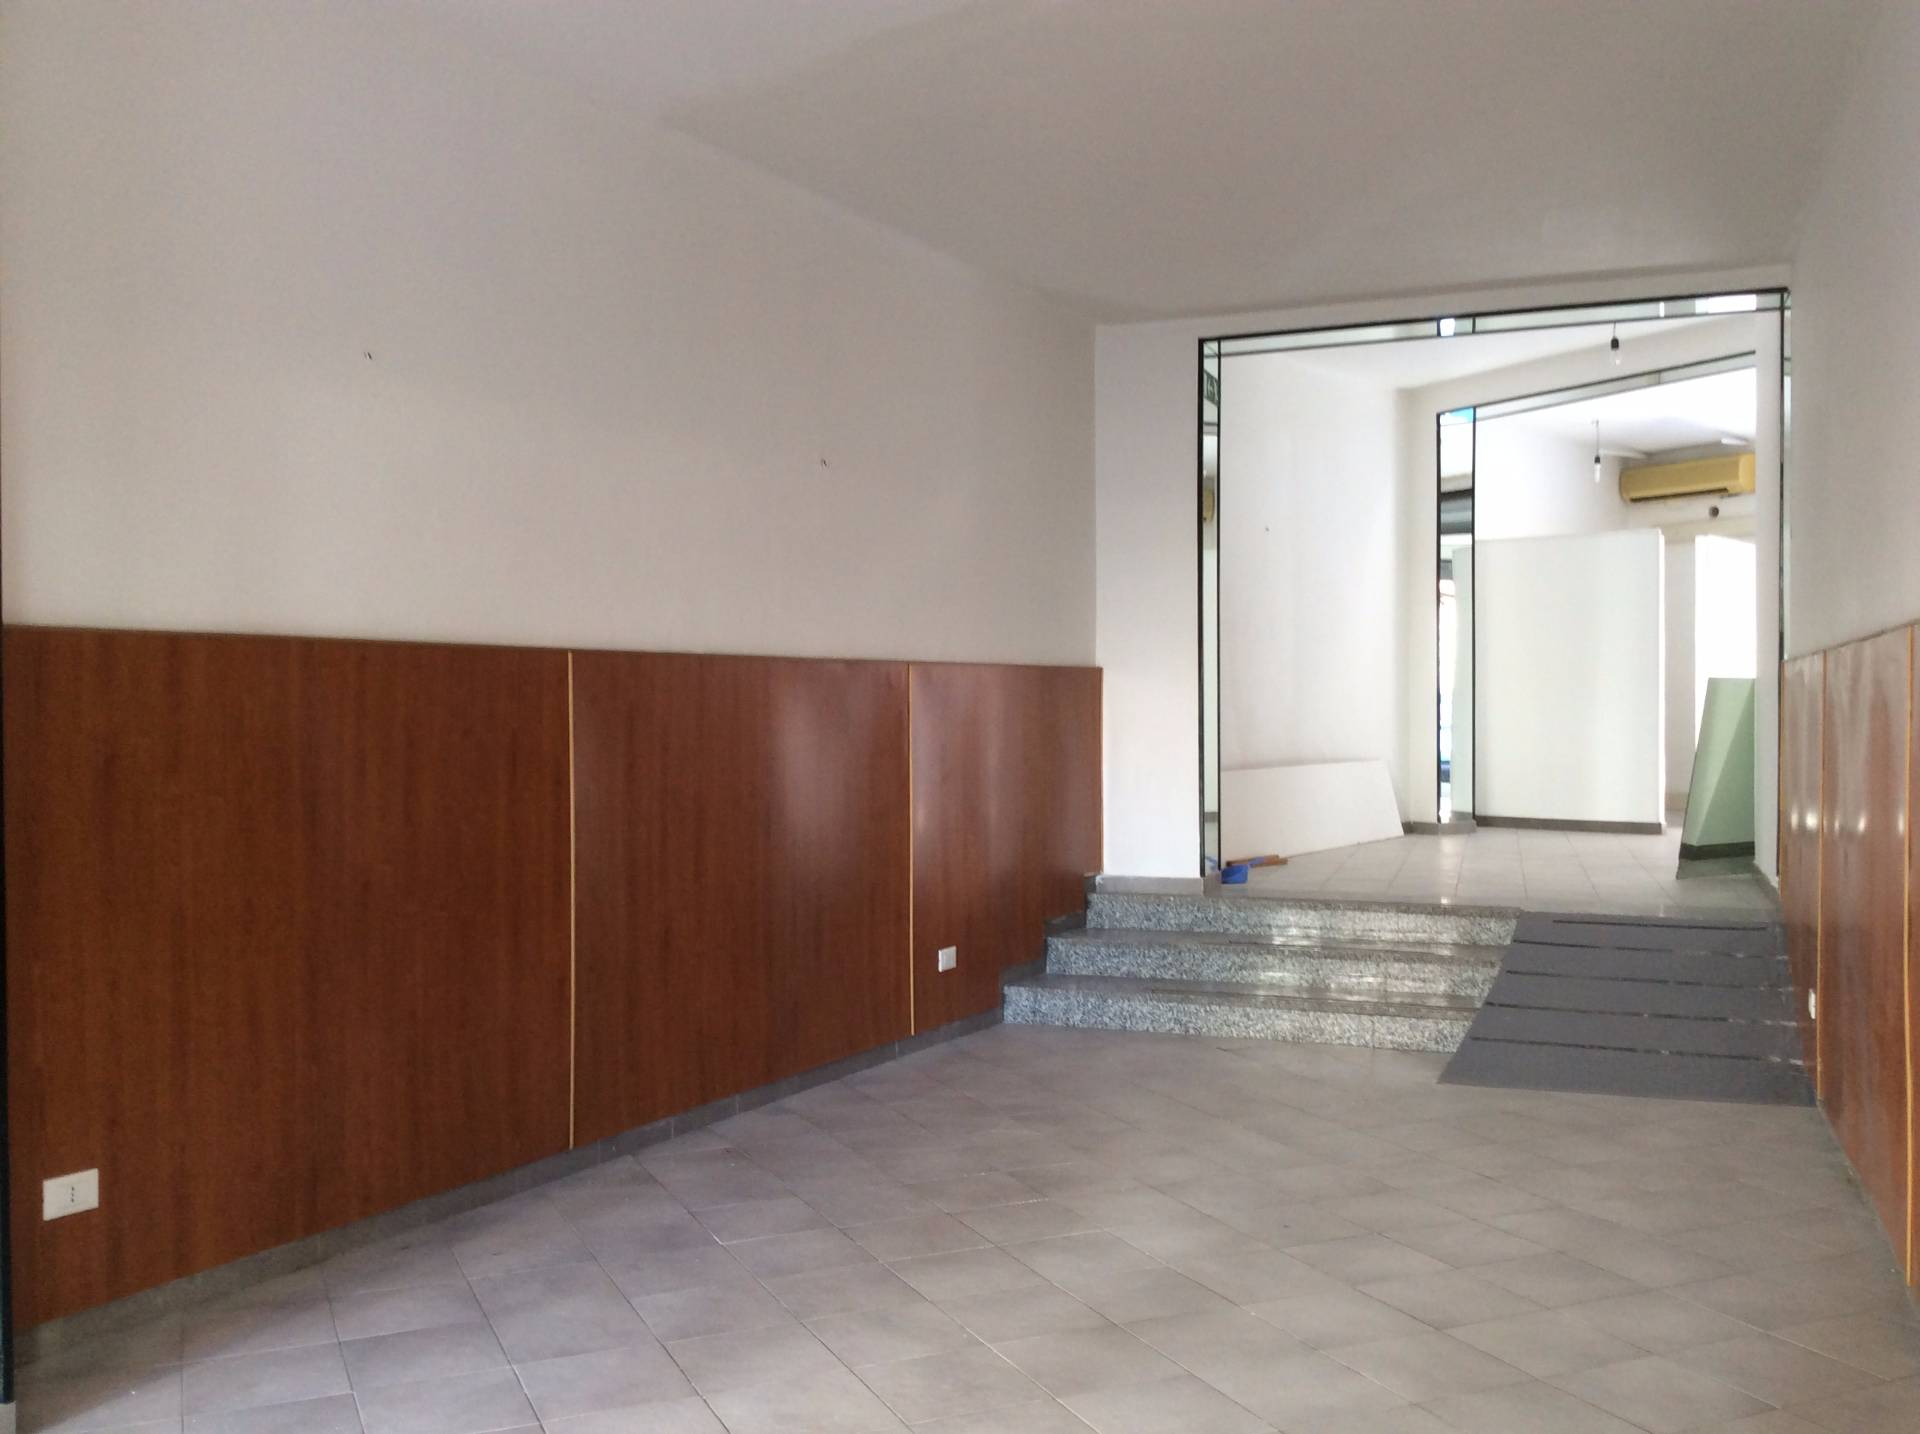 Negozio / Locale in affitto a Palermo, 9999 locali, zona Località: Malaspina, prezzo € 650 | CambioCasa.it